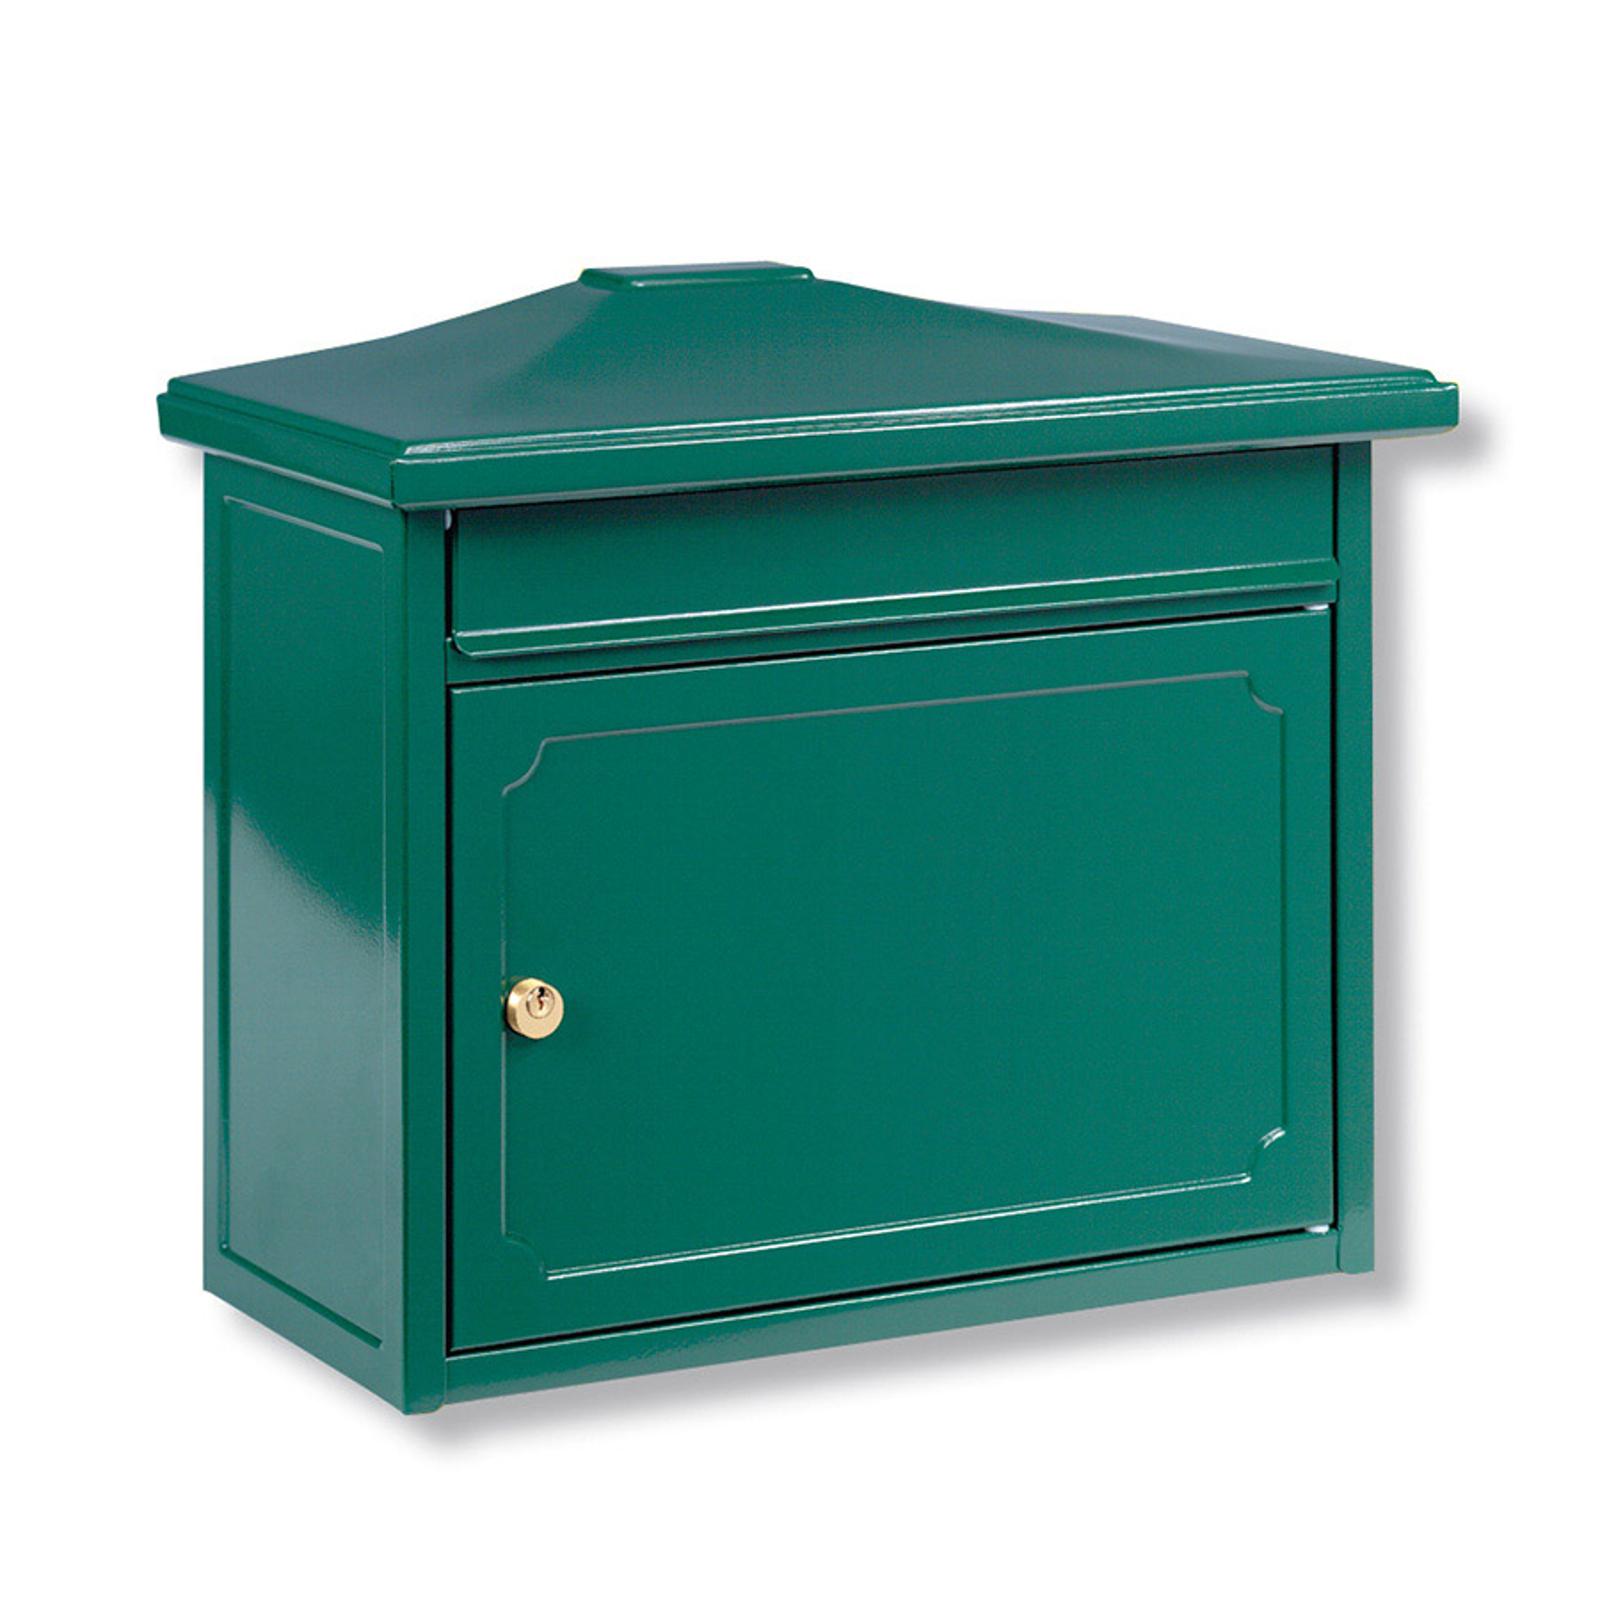 KOPENHAGEN brievenbus groen